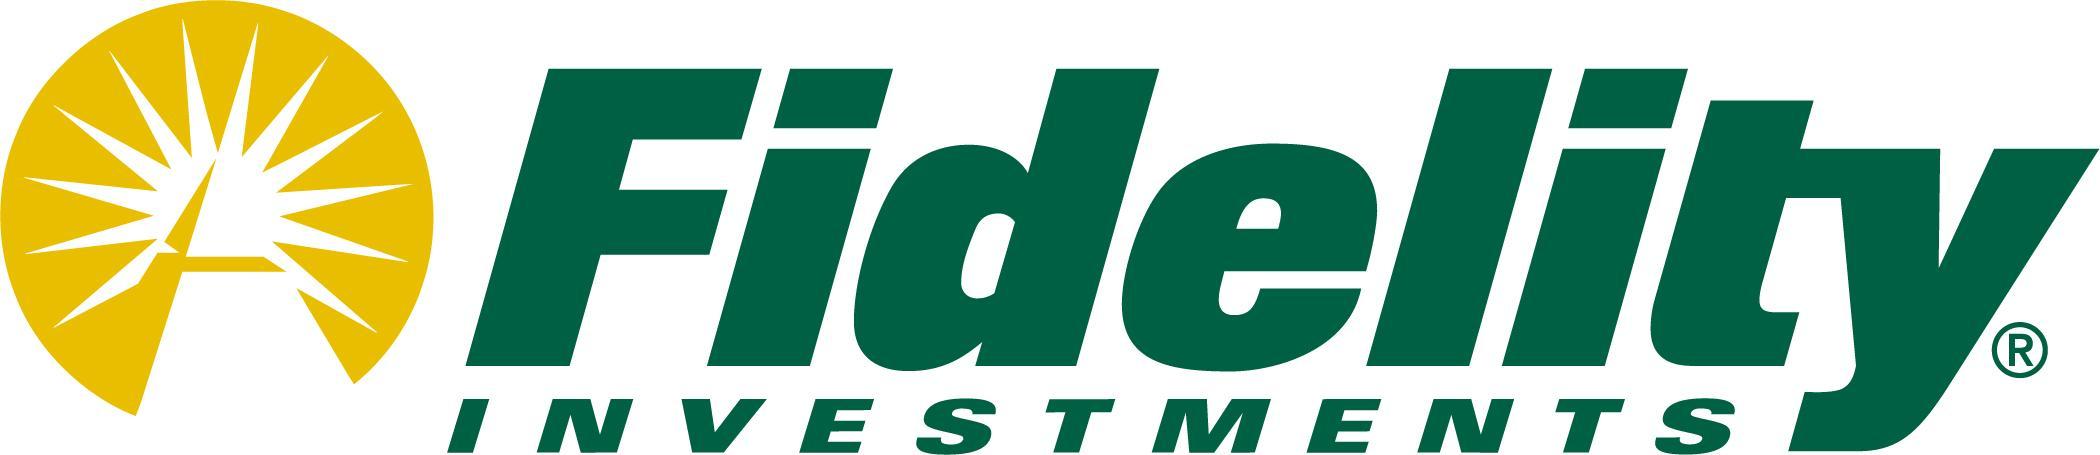 FIDELITY-logo-new